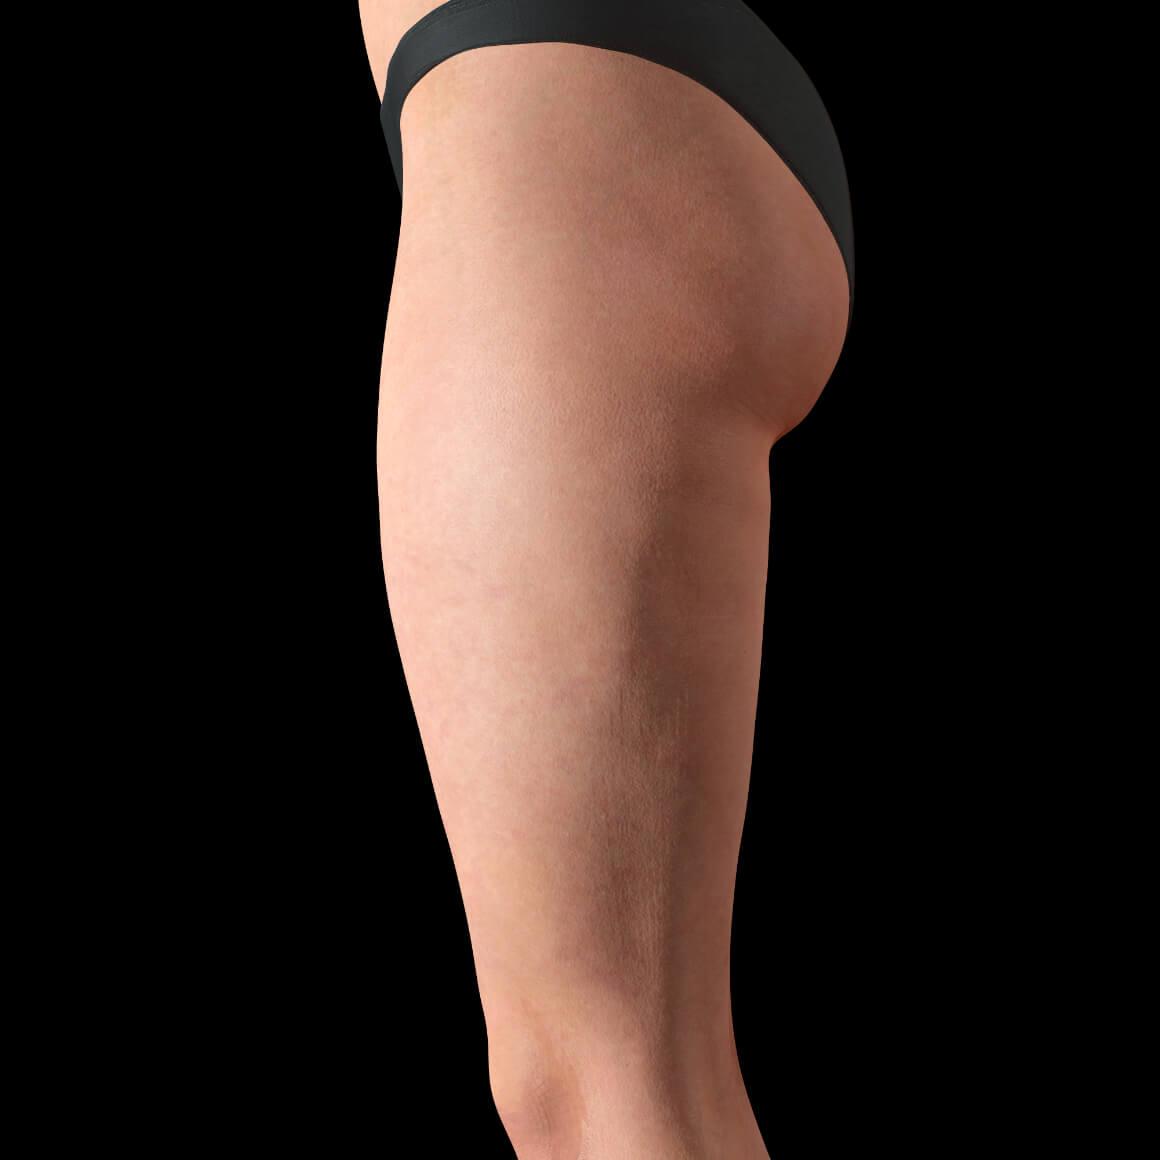 Cuisses d'une patiente de la Clinique Chloé positionnée de côté après un traitement Profound contre la cellulite